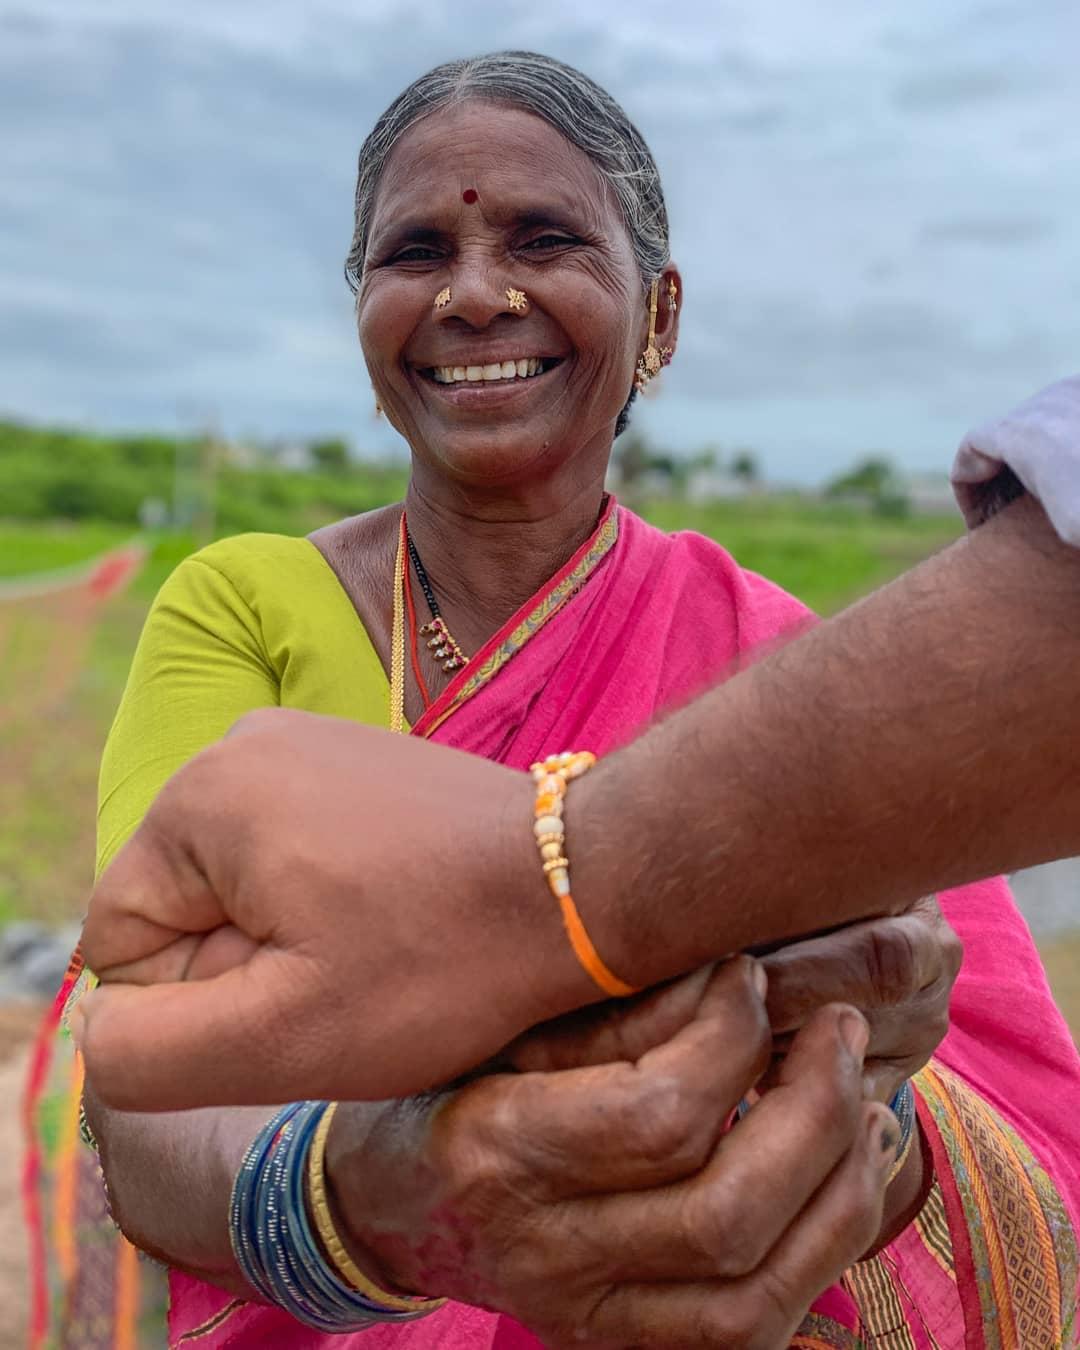 印度「農婦奶奶」變超人氣網紅 賺到「蓋圖書館」回饋小村莊!